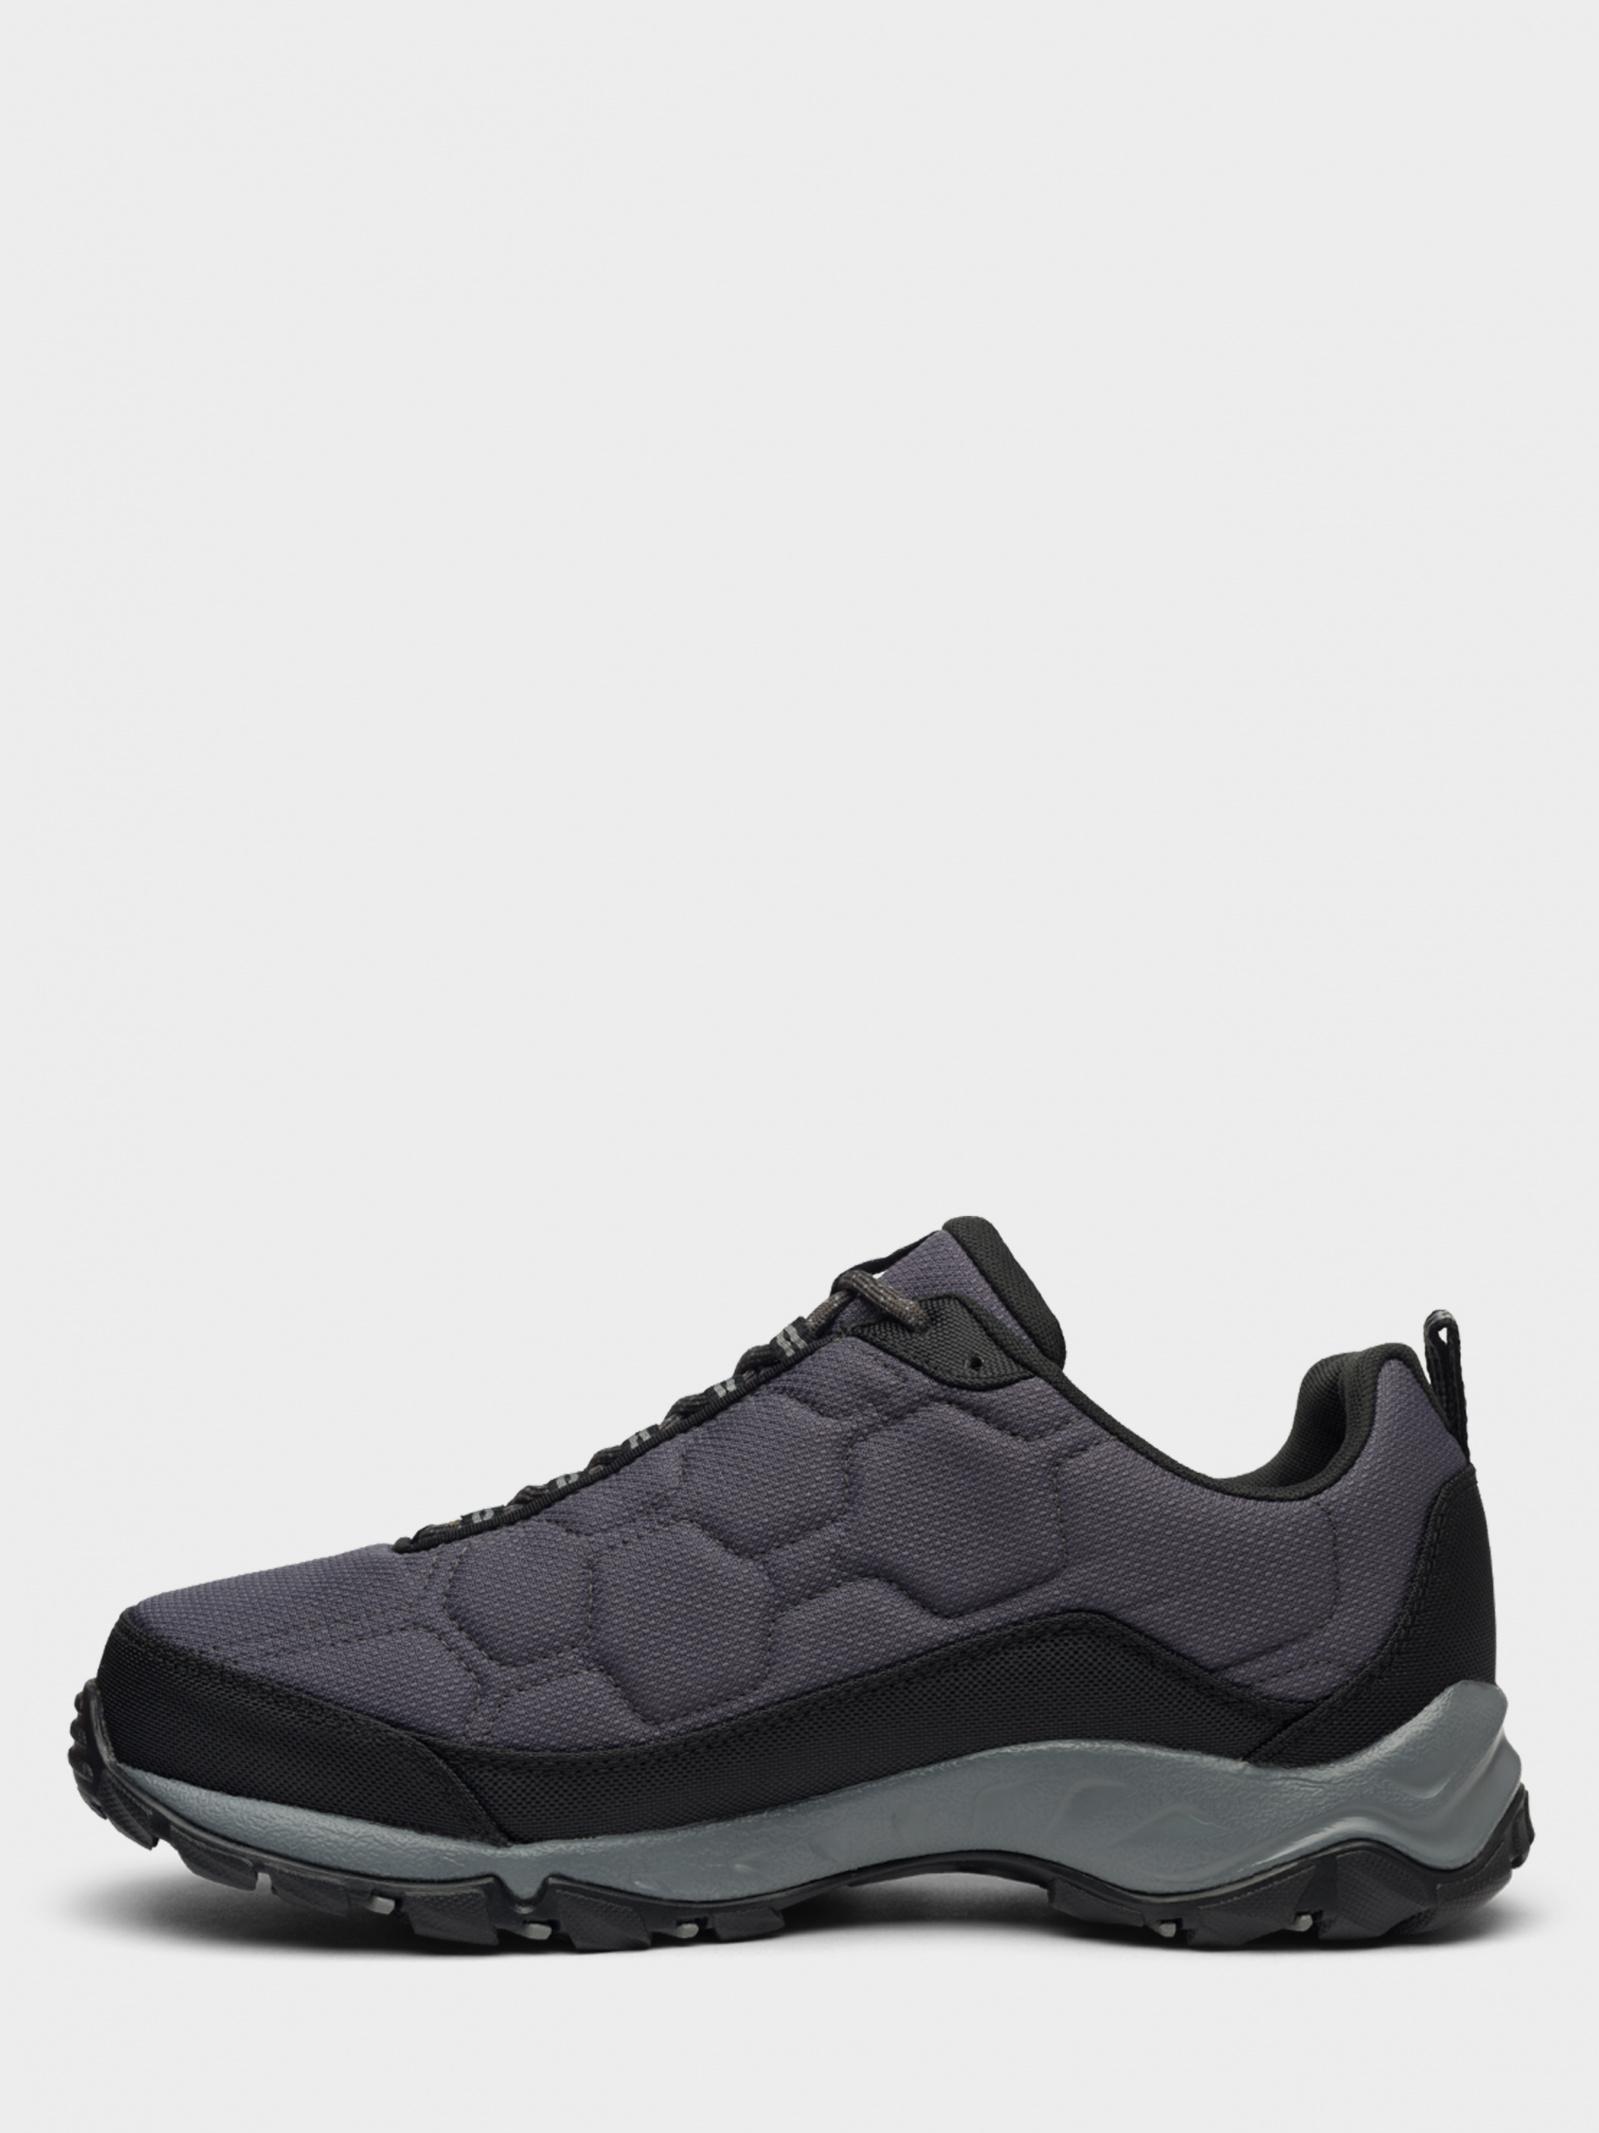 Кросівки  для чоловіків Columbia 1865021-011 продаж, 2017